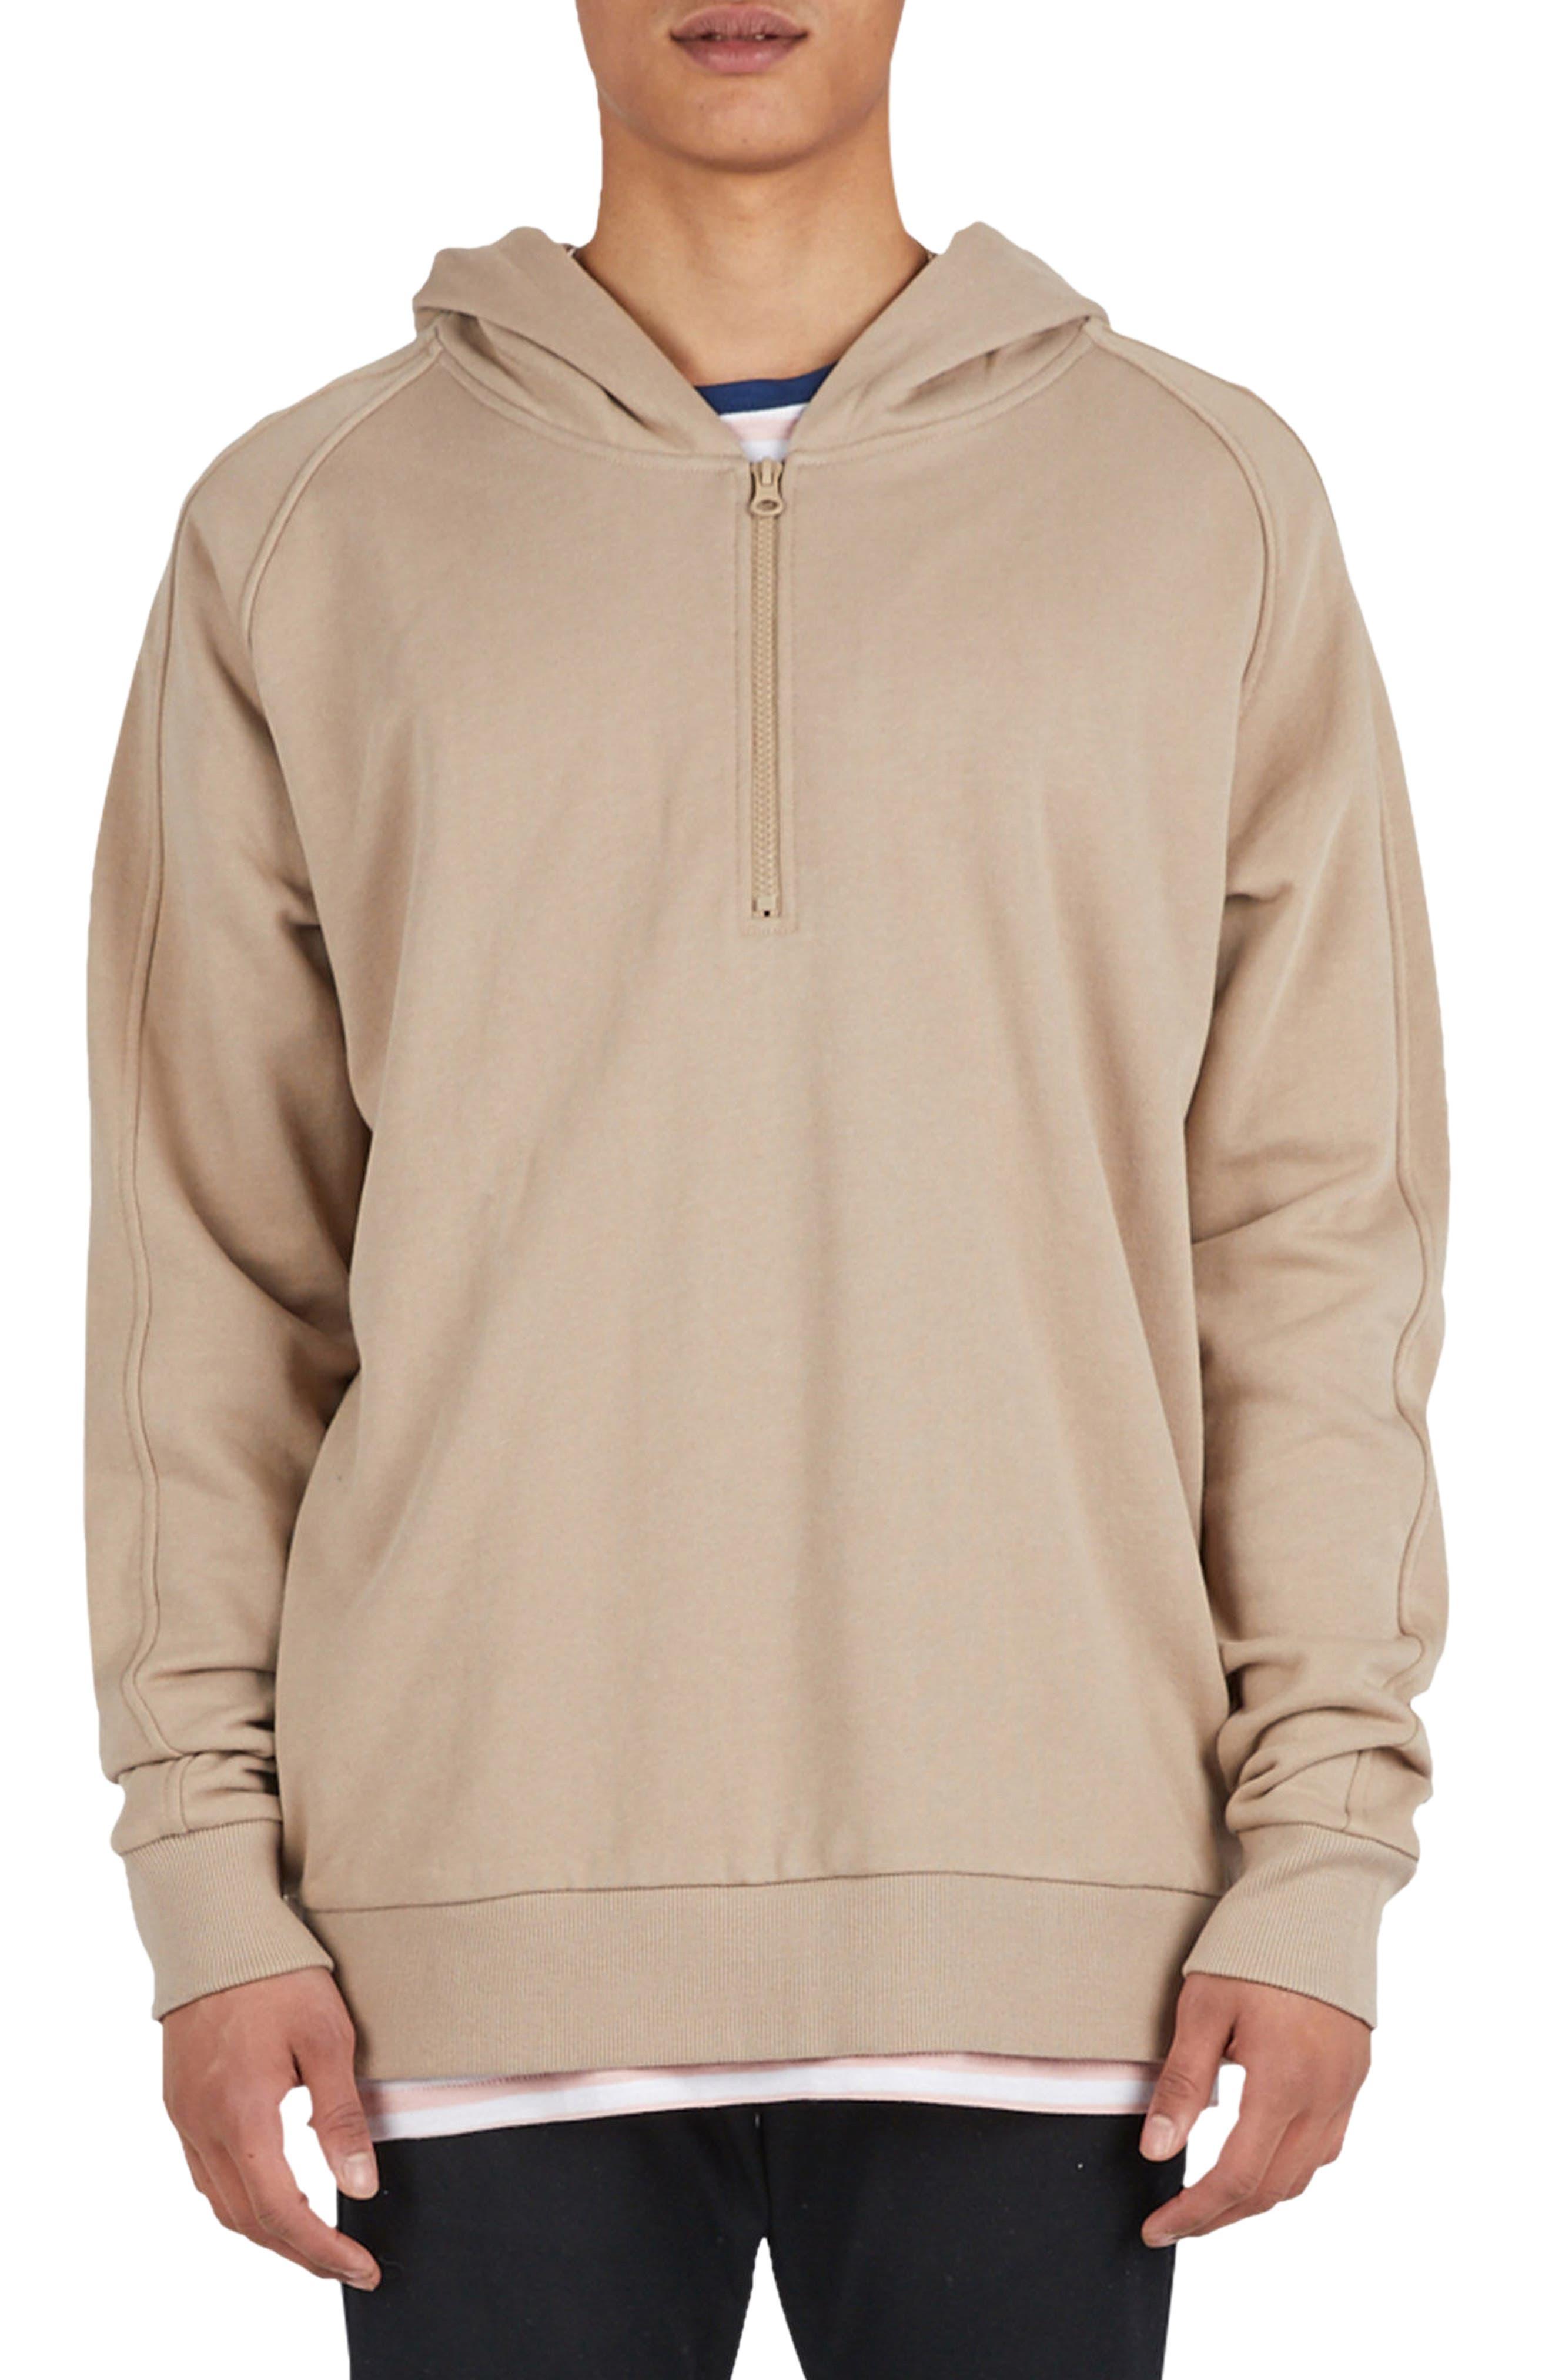 Olympic Zip Pullover Hoodie,                         Main,                         color, Beige